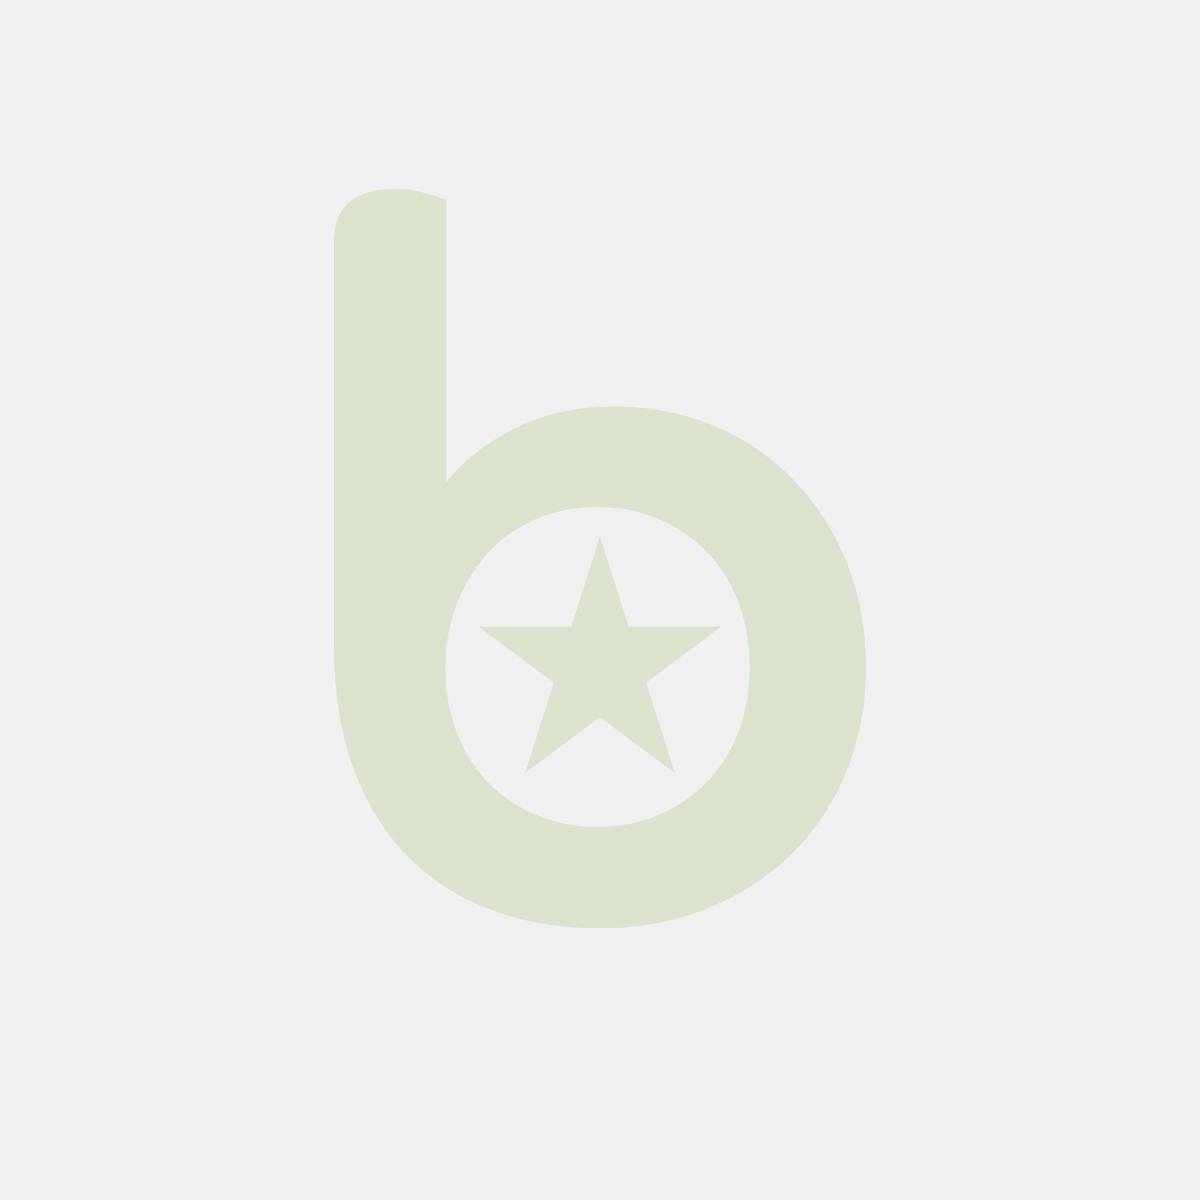 Koperty samoklejące (SK) NC, 1000 sztuk, białe, C6, okno z prawej strony, 14033/11021200